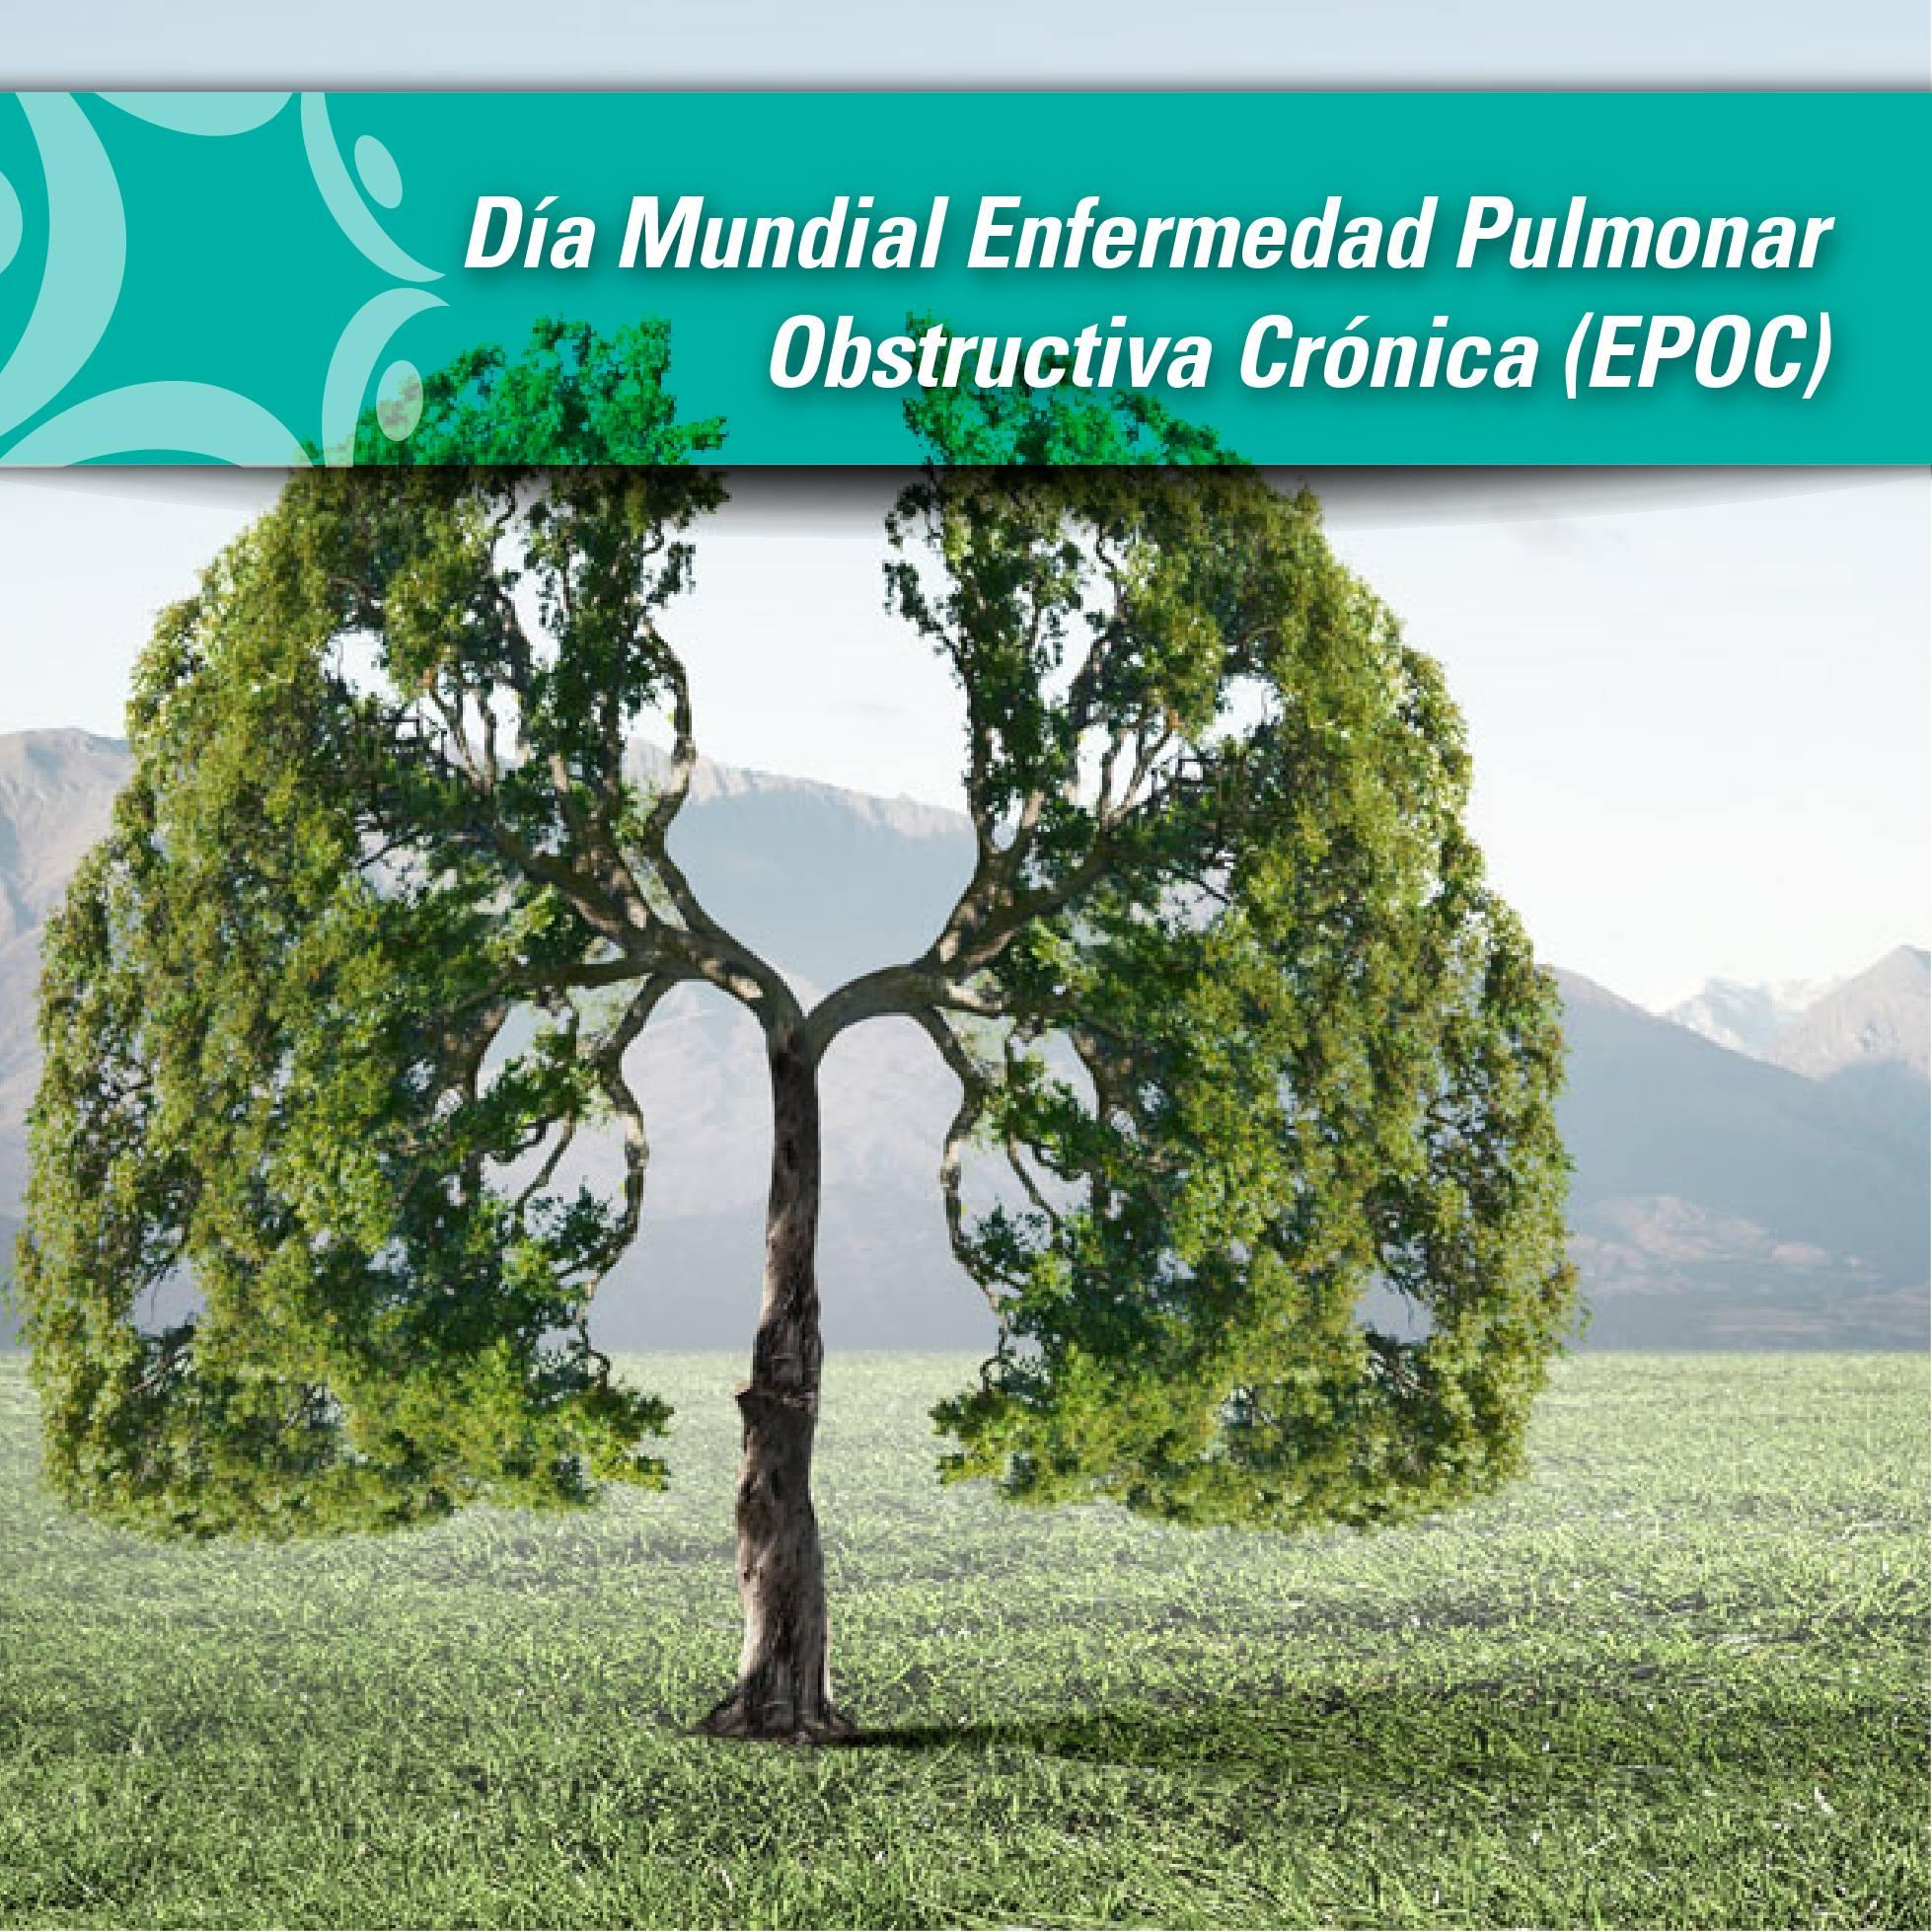 Dia mundial EPOC